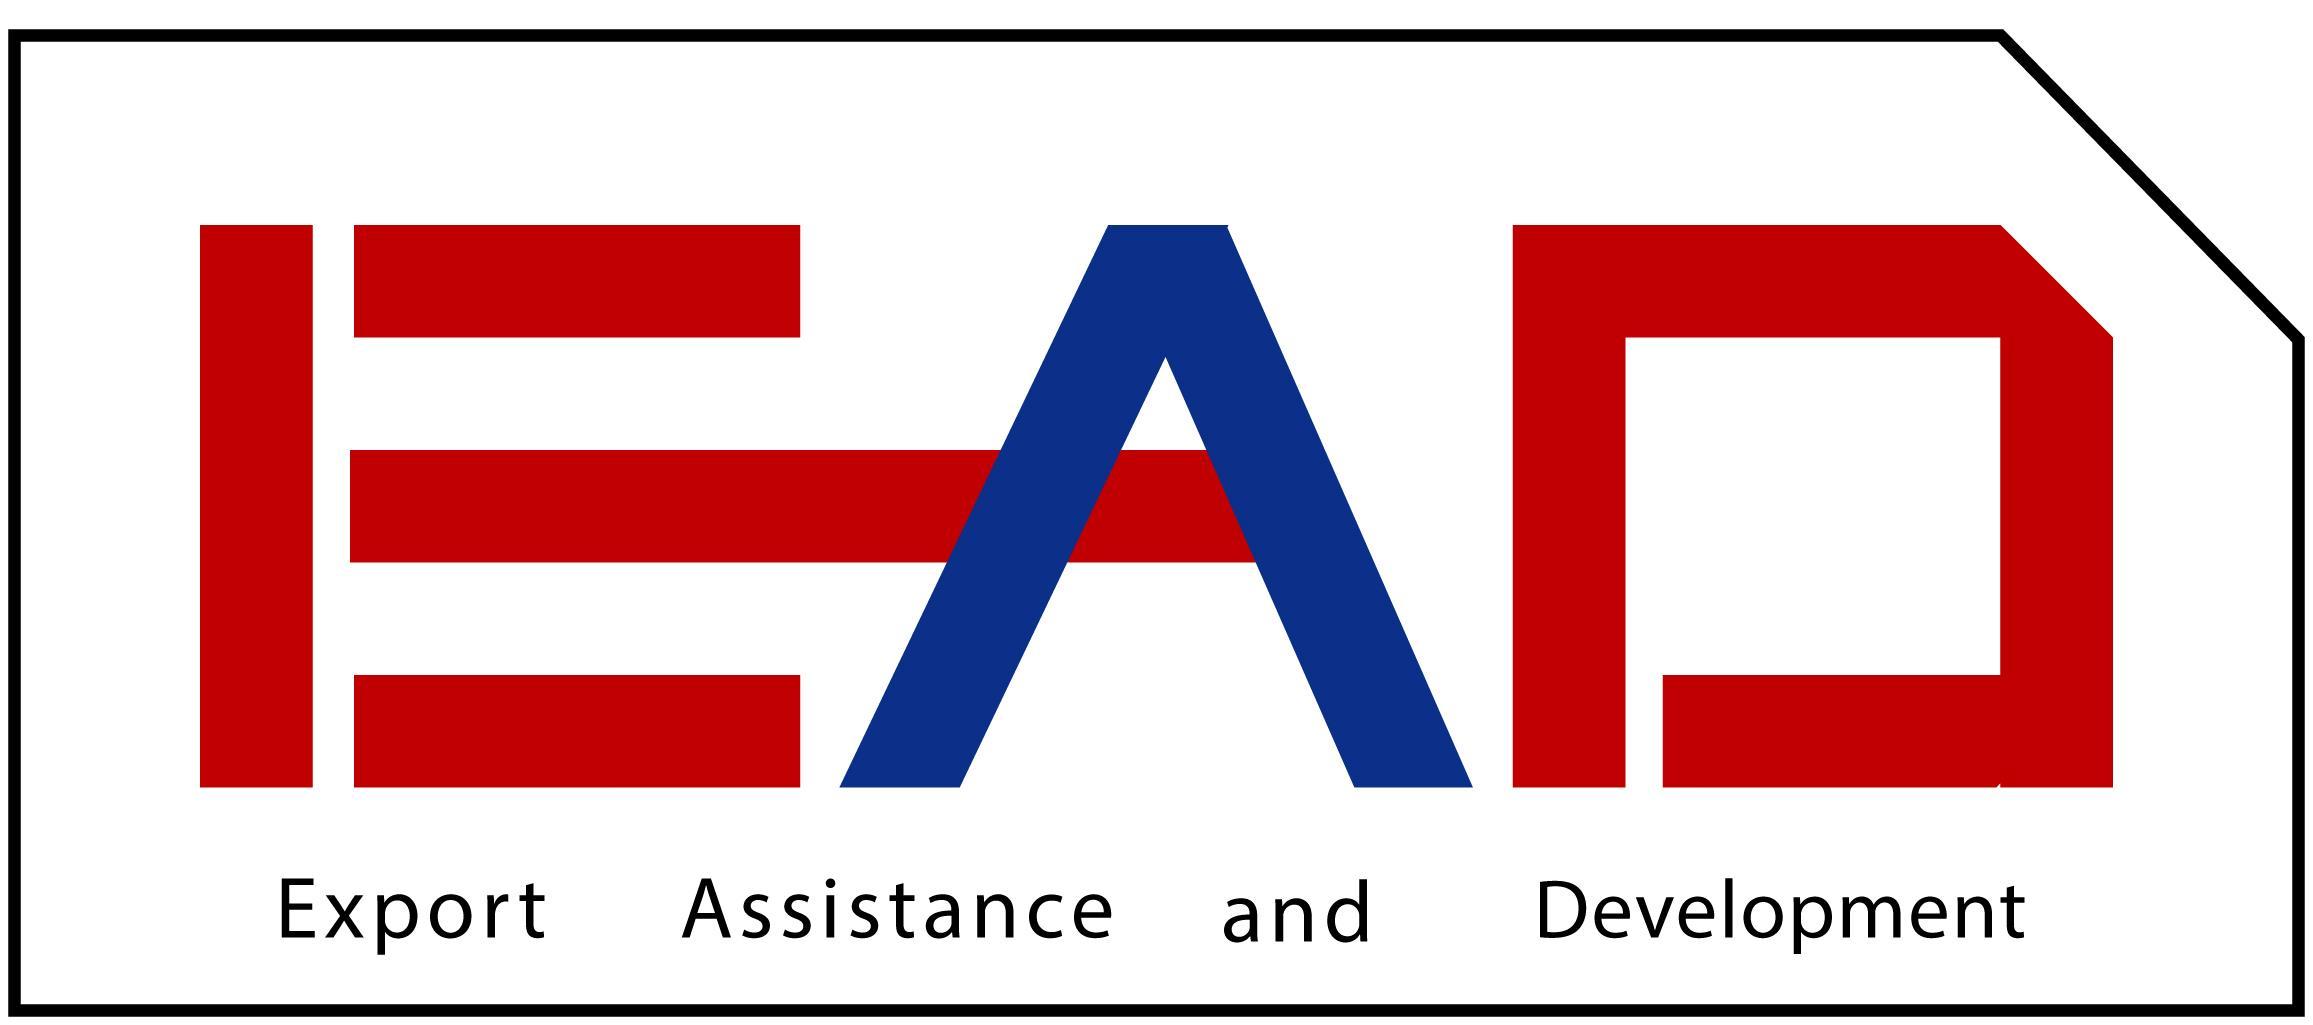 E.A.D